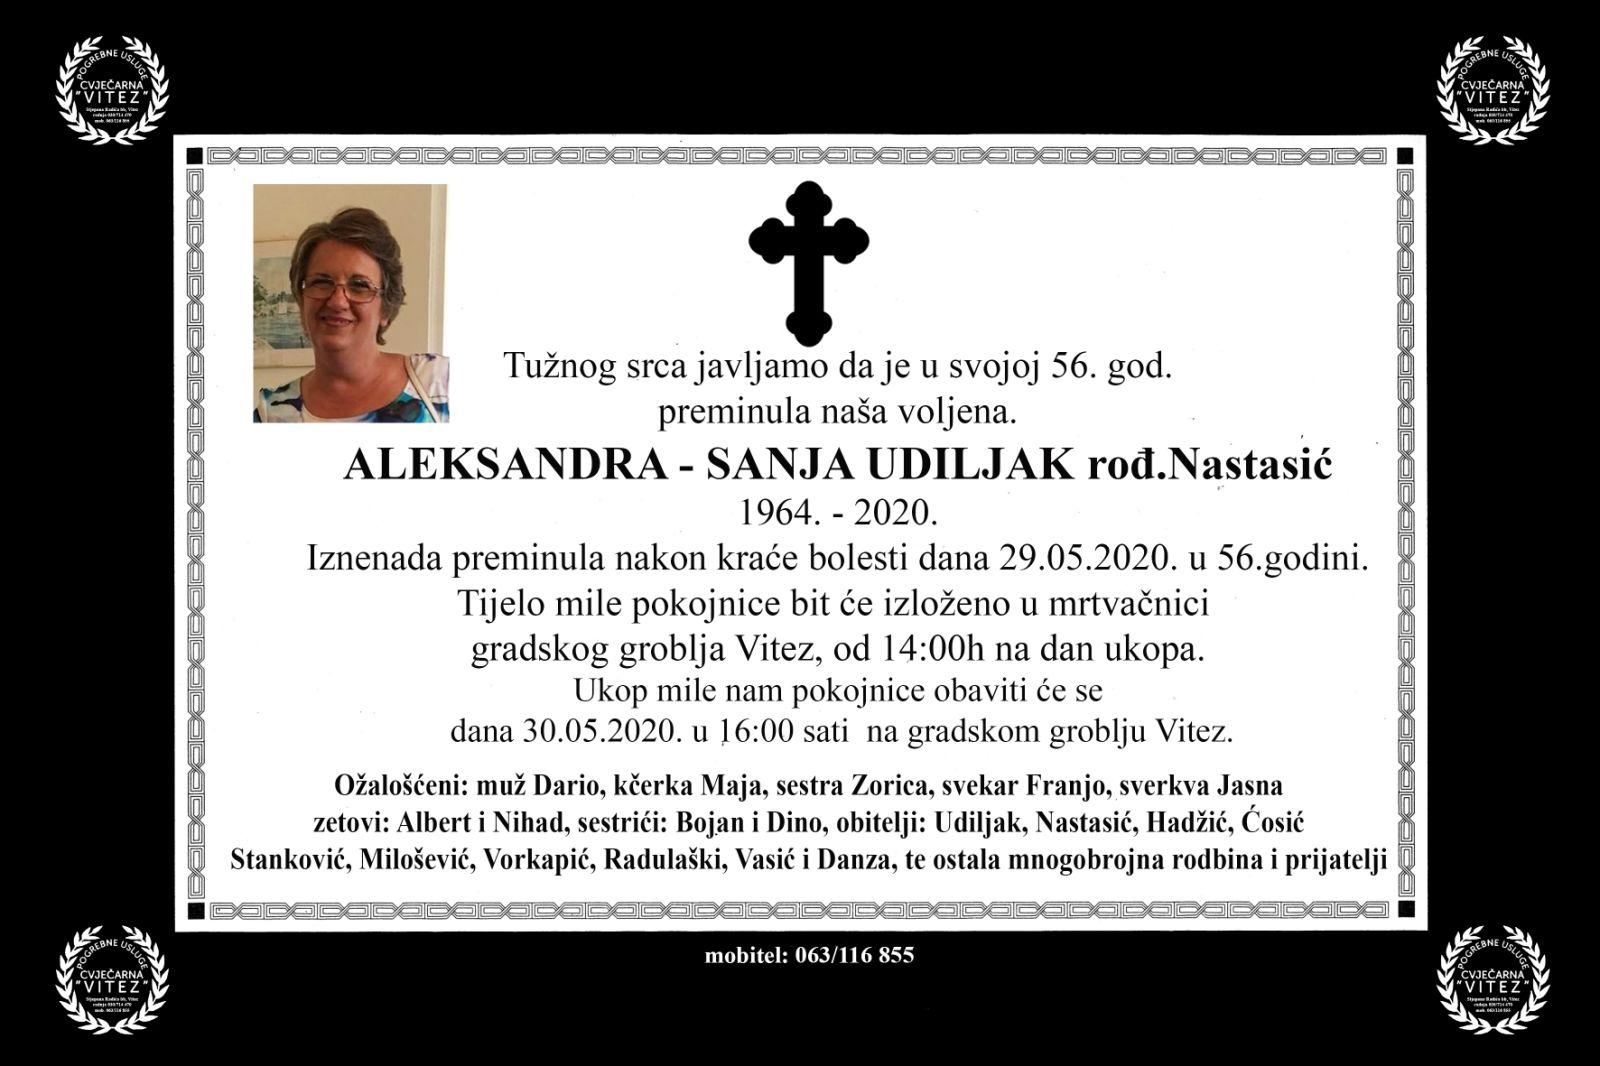 Aleksandra – Sanja Udiljak rođ. Nastasić